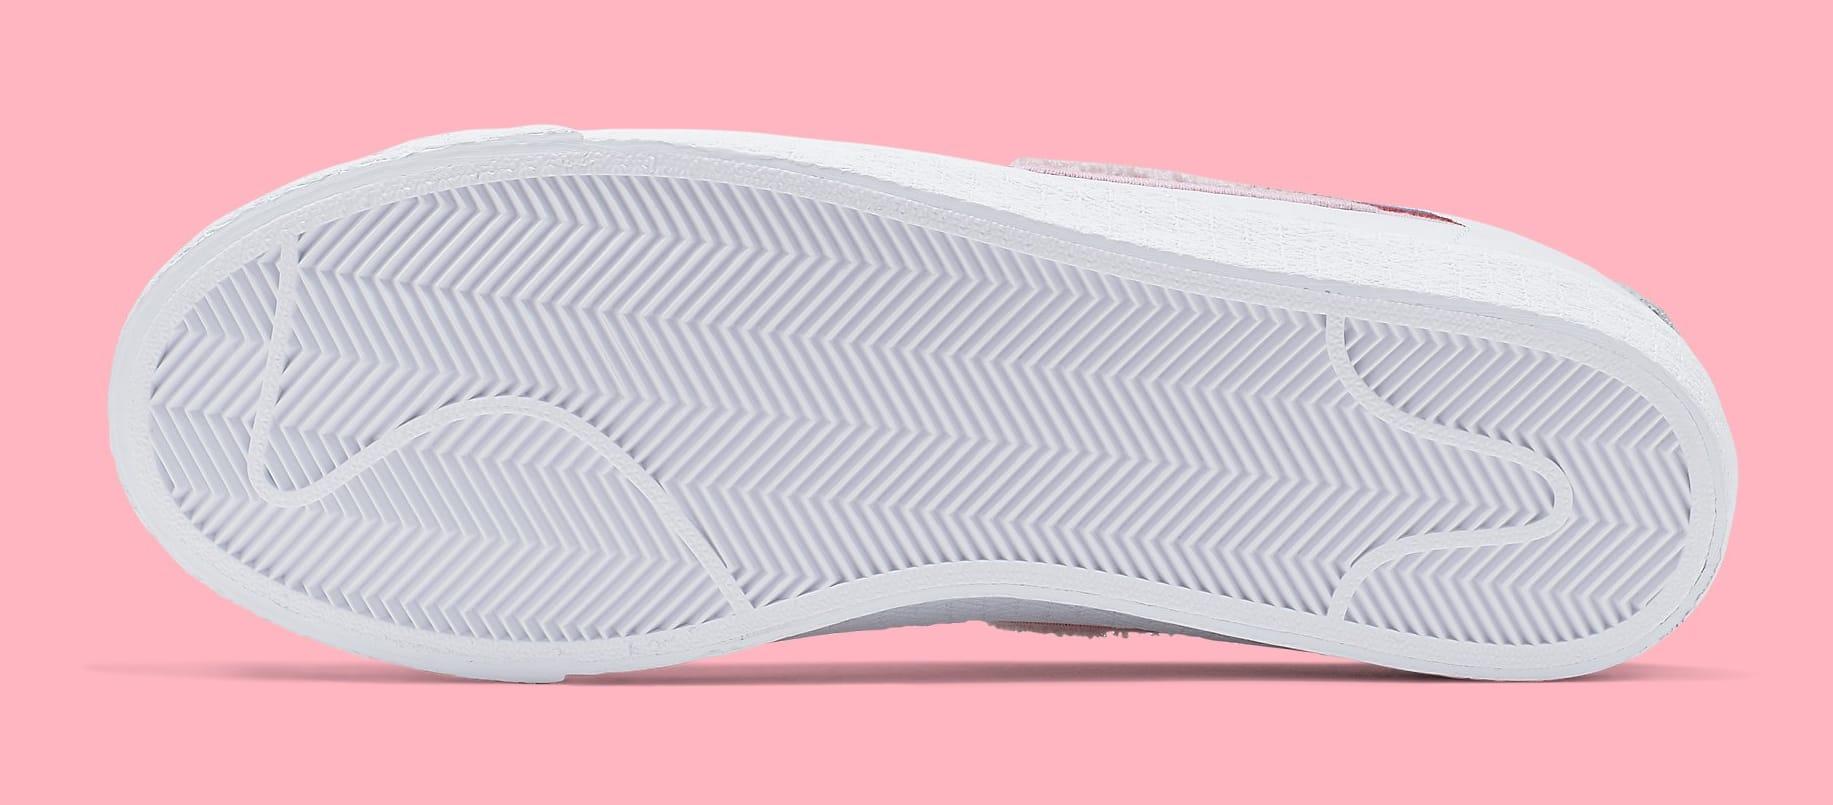 Parra x Nike SB Blazer Low CN4507-100 Sole